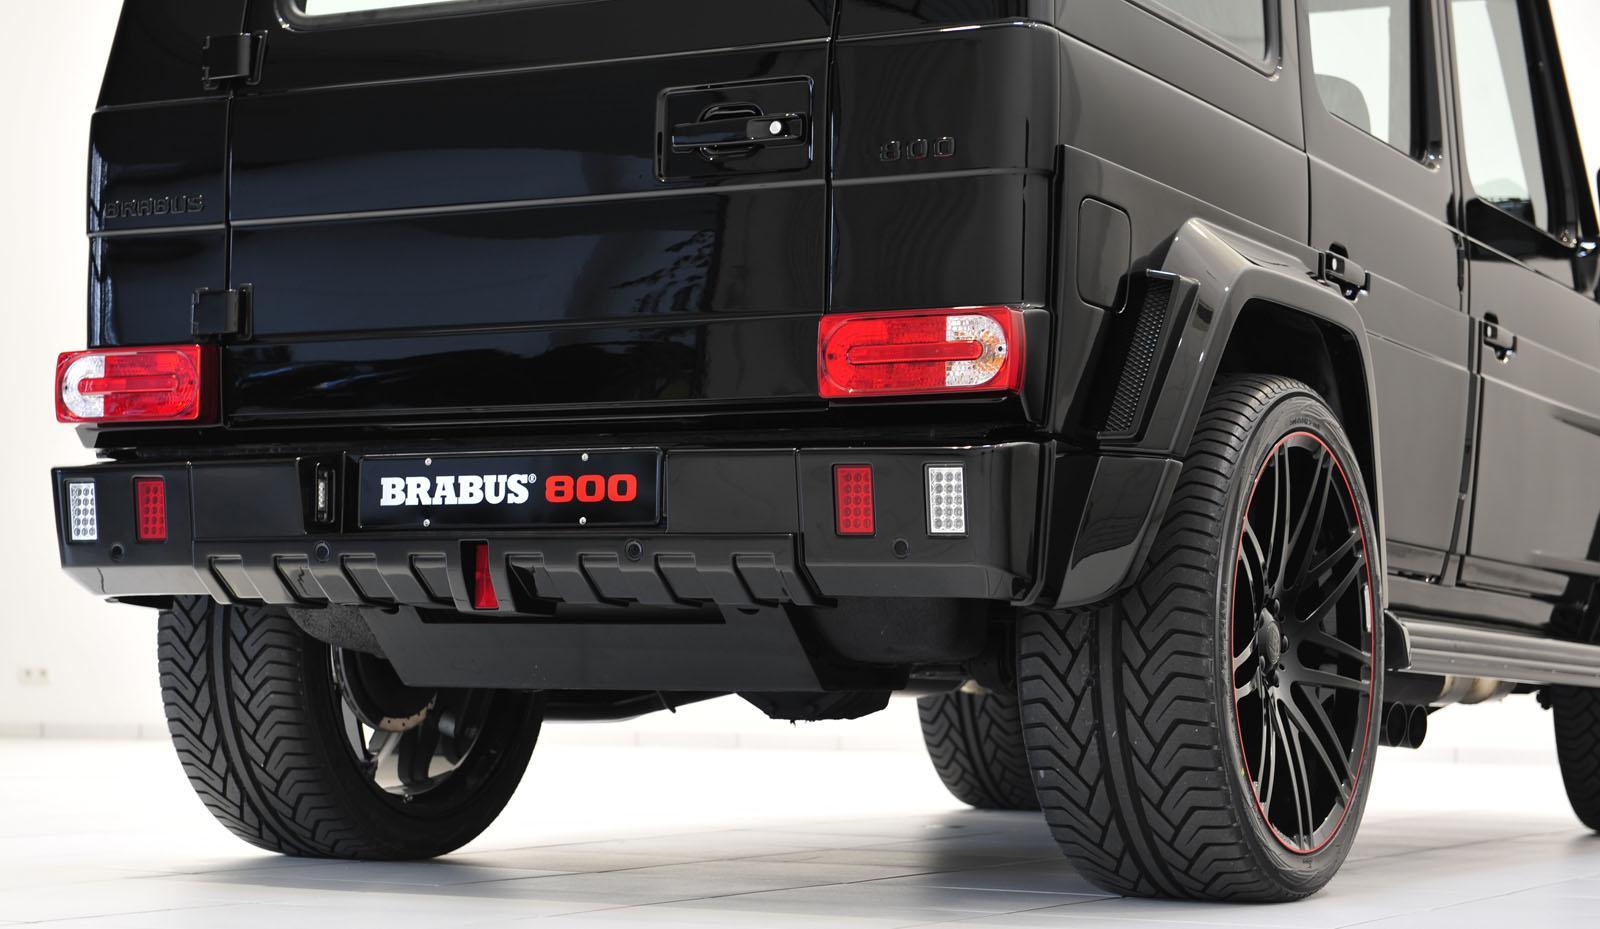 2014 Geneva Motor Show Brabus Mercedes 800 Ibusiness Is | Auto Design ...